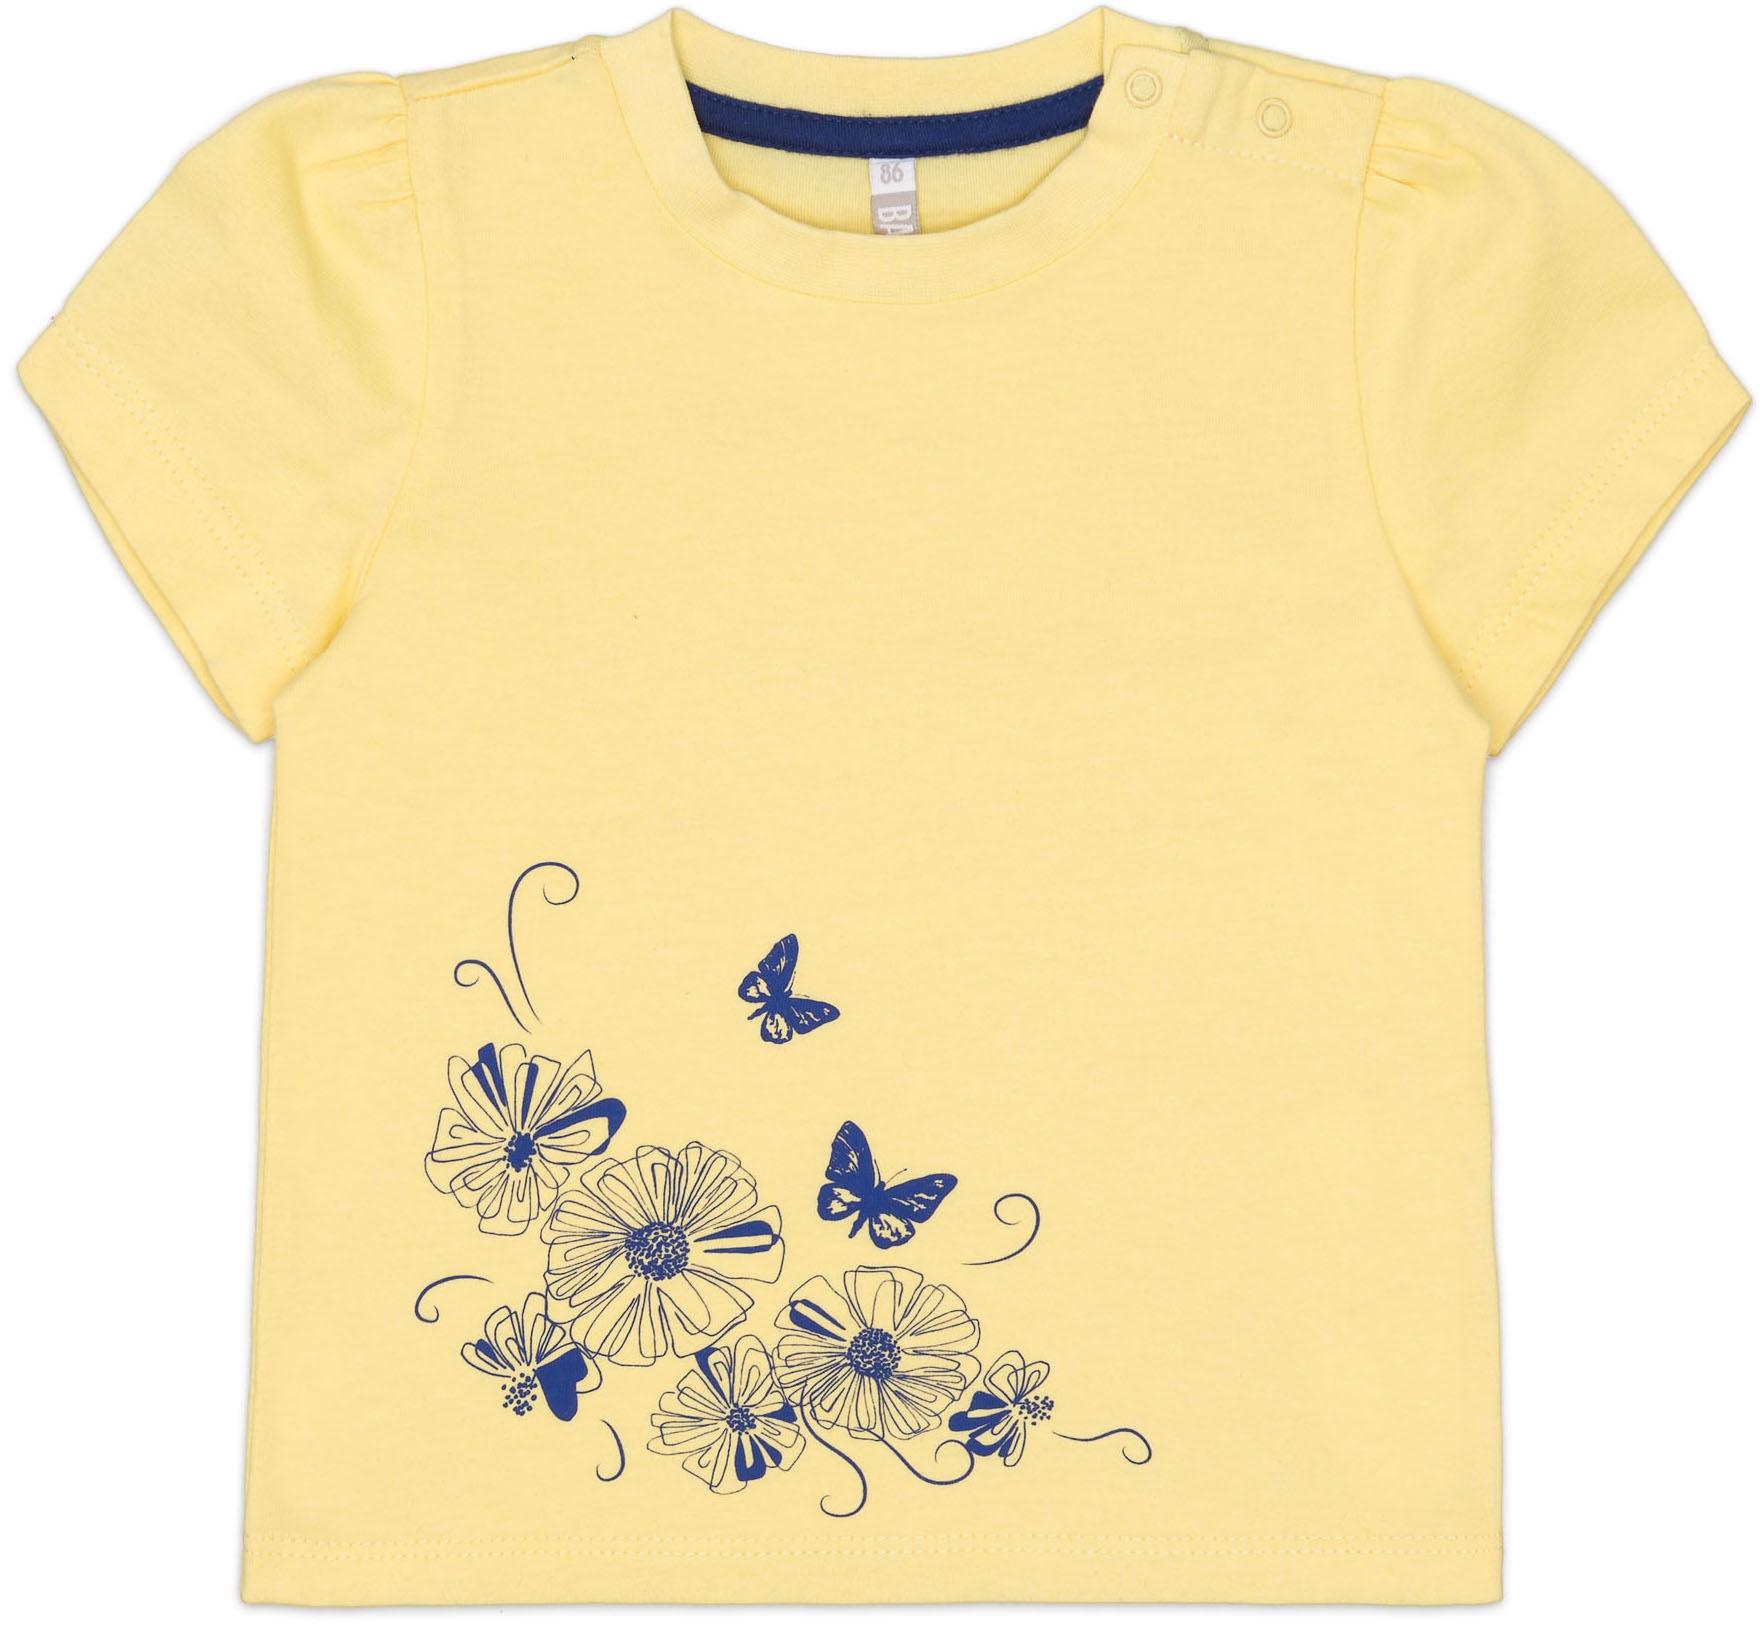 Купить Футболки, Футболка с коротким рукавом для девочки Barkito Цветочное лето желтая, Узбекистан, желтый, Женский